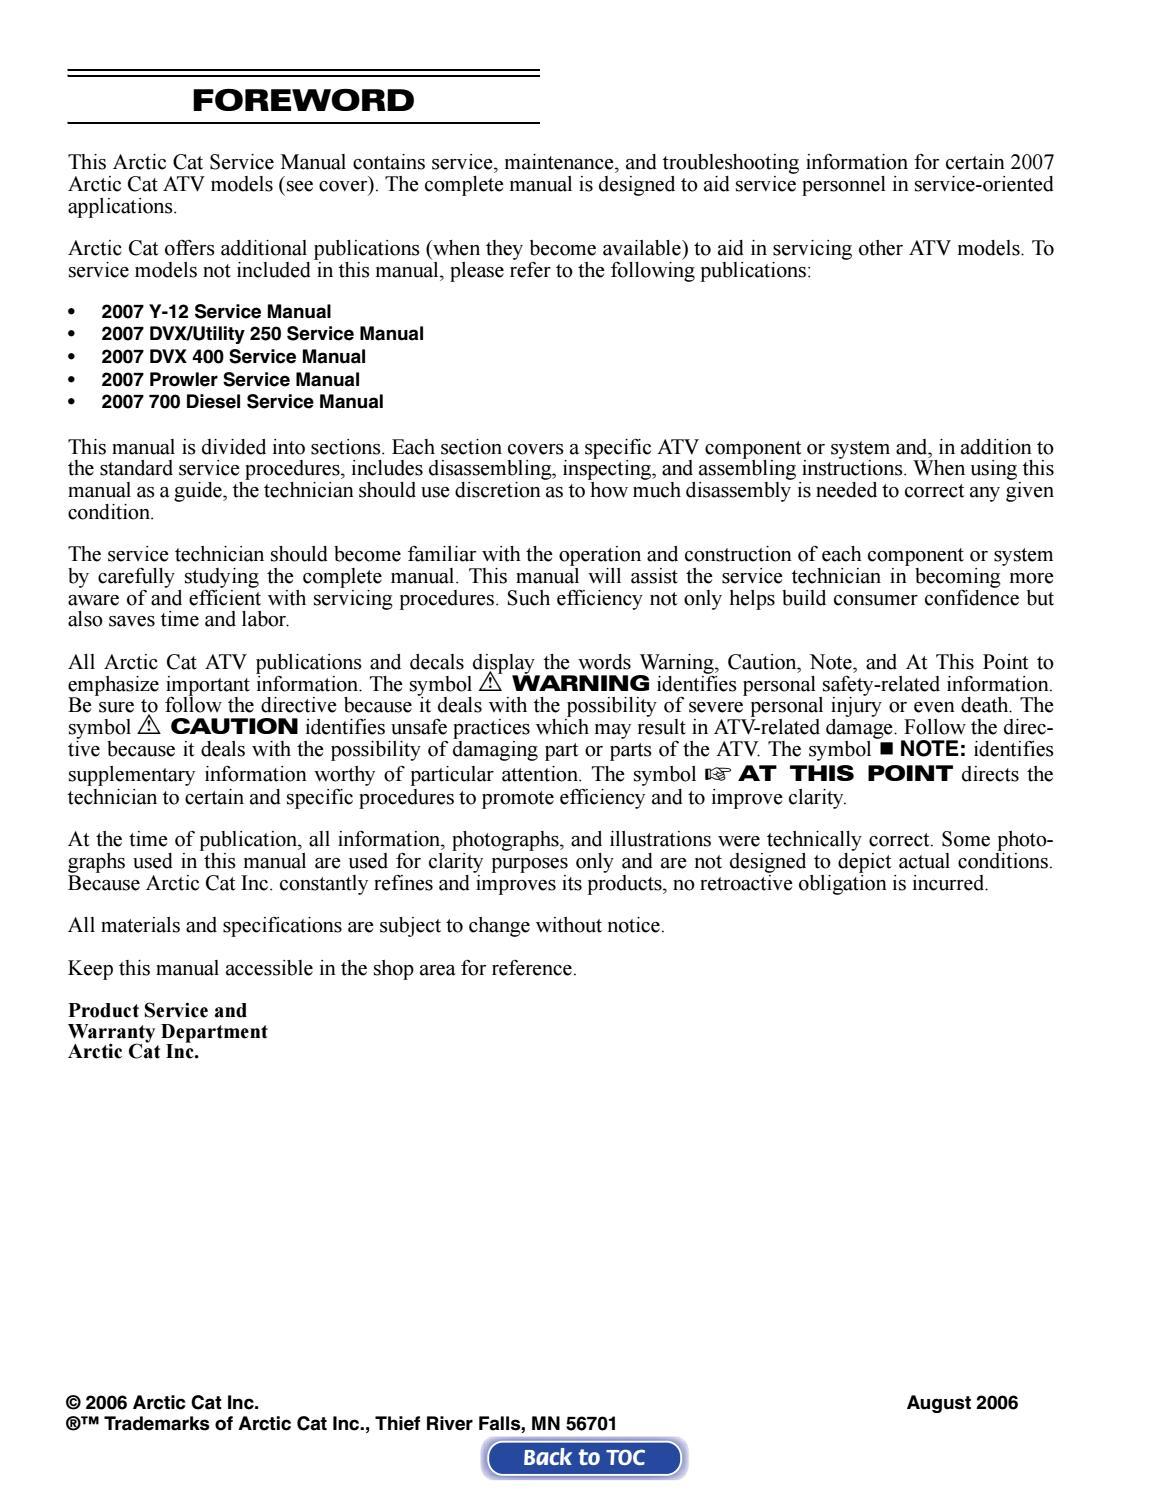 [SCHEMATICS_43NM]  2007 Arctic Cat 650 H1 ATV Service Repair Manual by 163615 - issuu | Arctic Cat 650 Wiring Schematic |  | Issuu